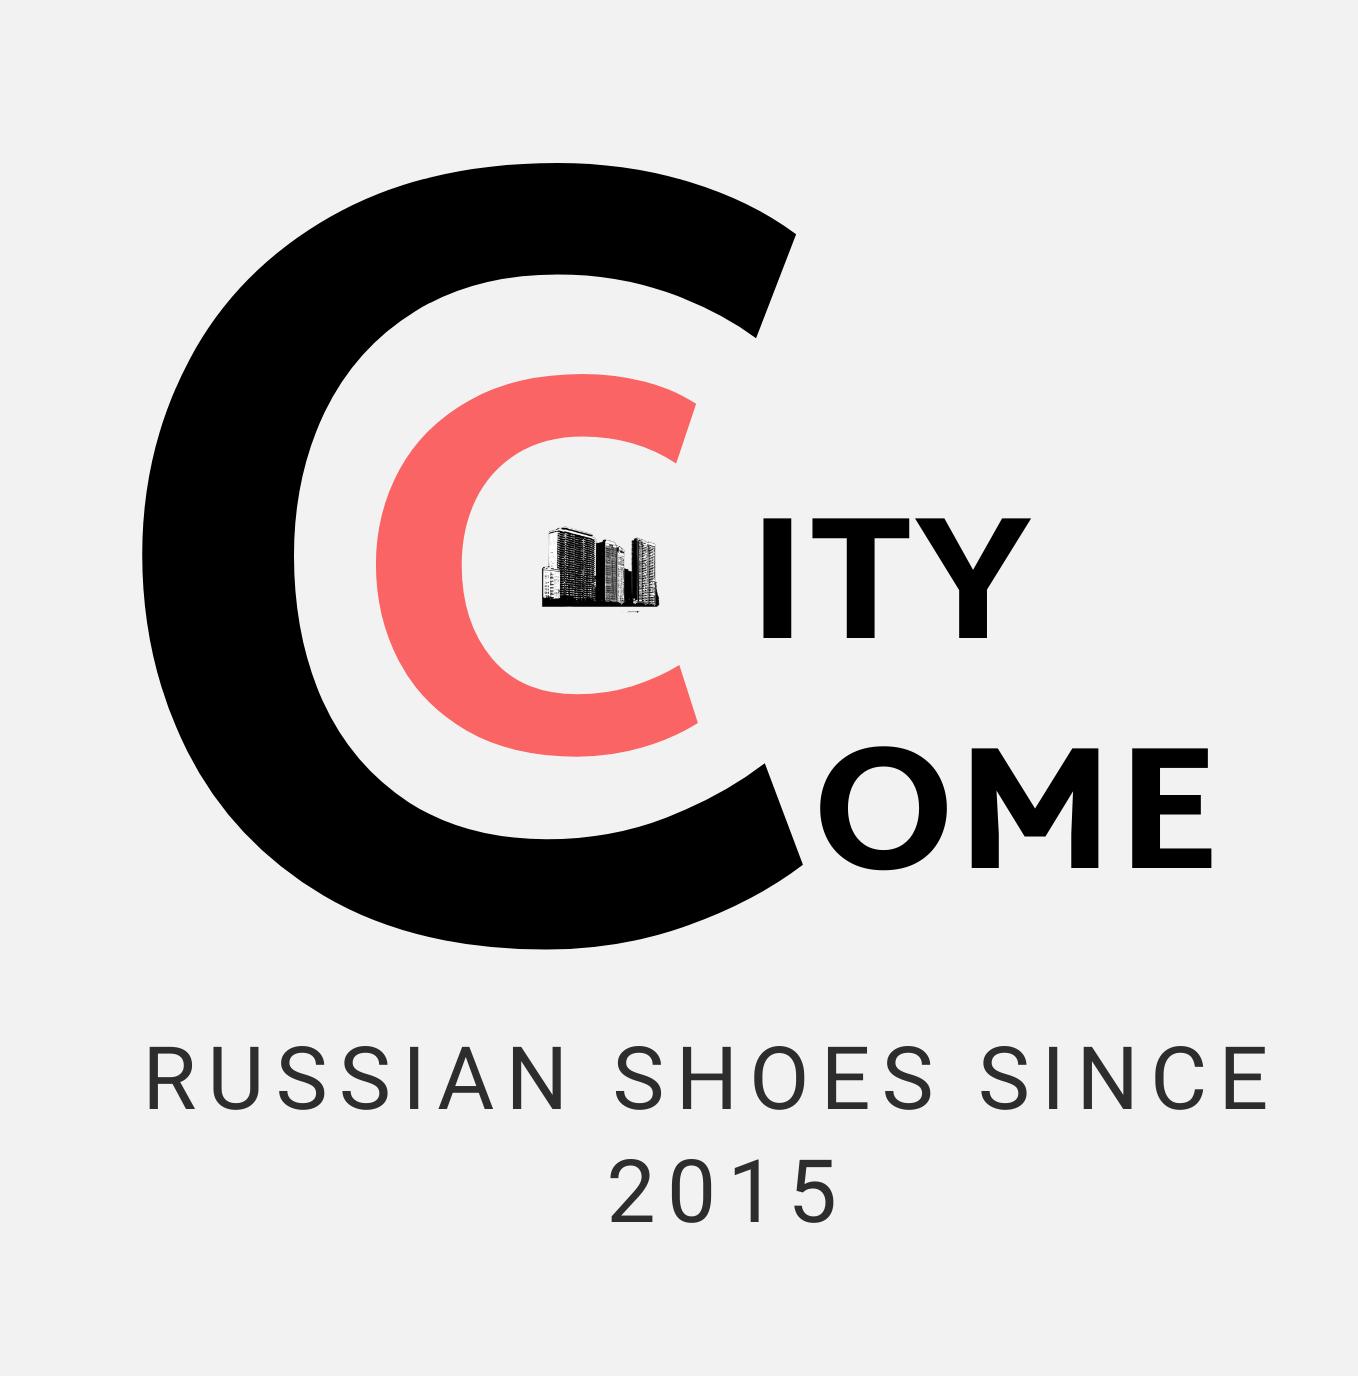 Женская и мужская обувь Comecity оптом от производителя России. Комсити женская и мужская обувь в Ростове